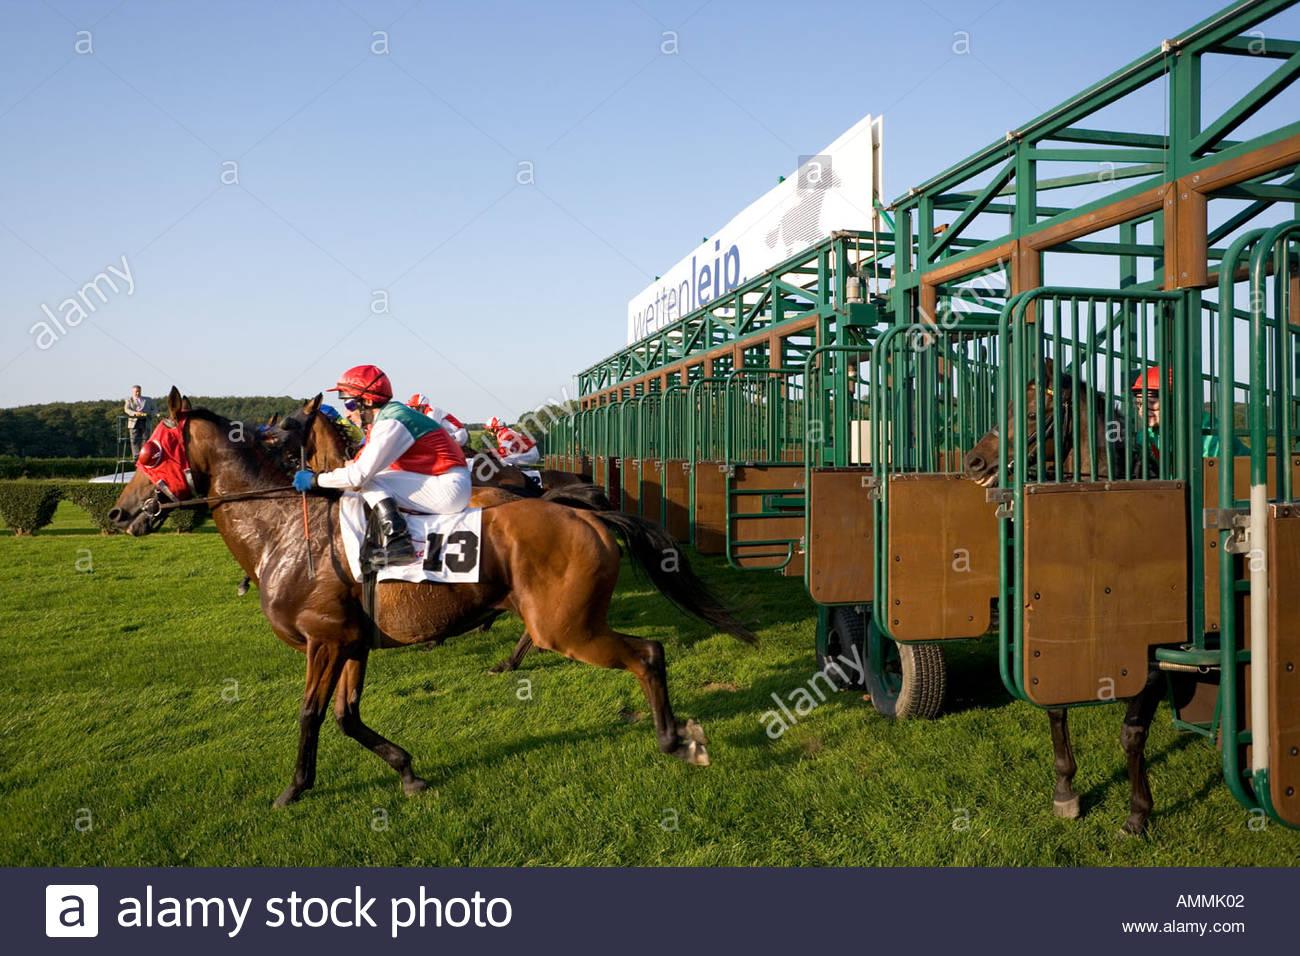 Las carreras de caballos del hipódromo hipódromo INICIO CARRERA CAJA DE ARRANQUE DE MÁQUINA jockey favorito de seda de colores estables galope césped de hierba de velocidad Imagen De Stock